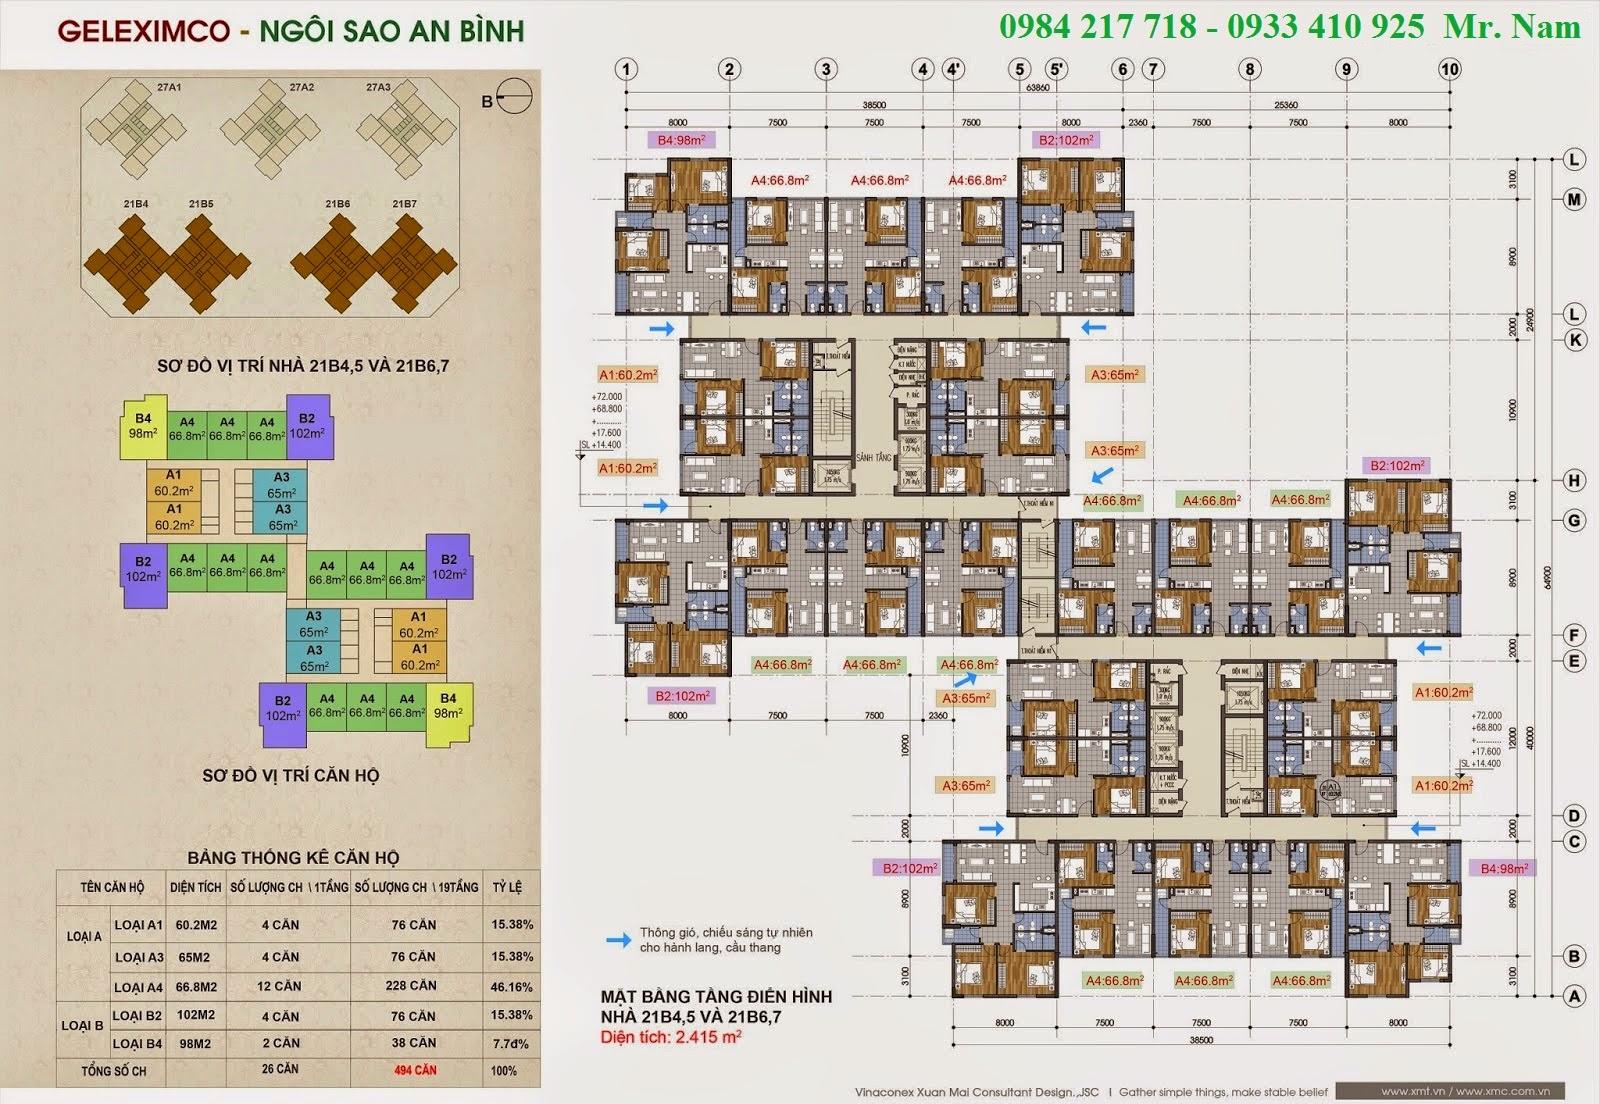 Mặt bằng tầng chung cư điển hình toà nhà 21B4,5 chung cư Green Stars